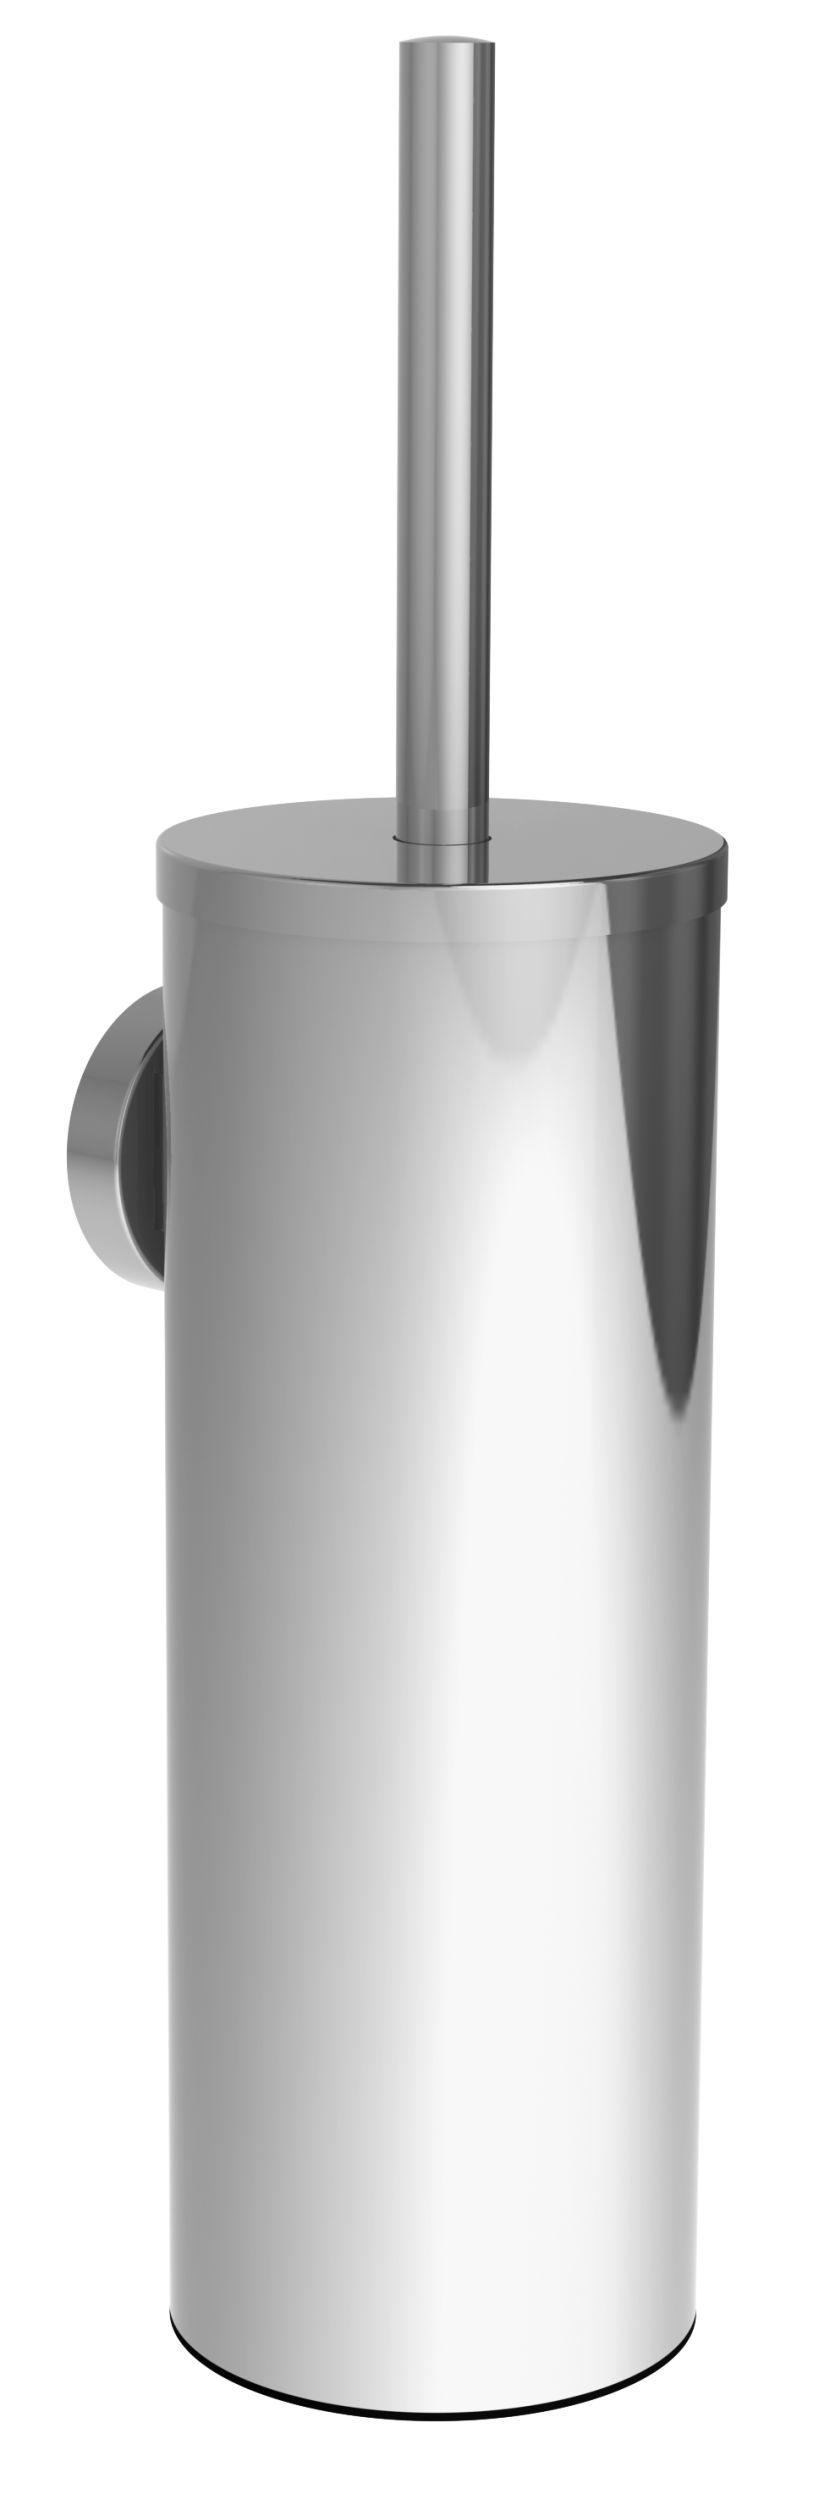 Brosse WC chrome brillant à fixer